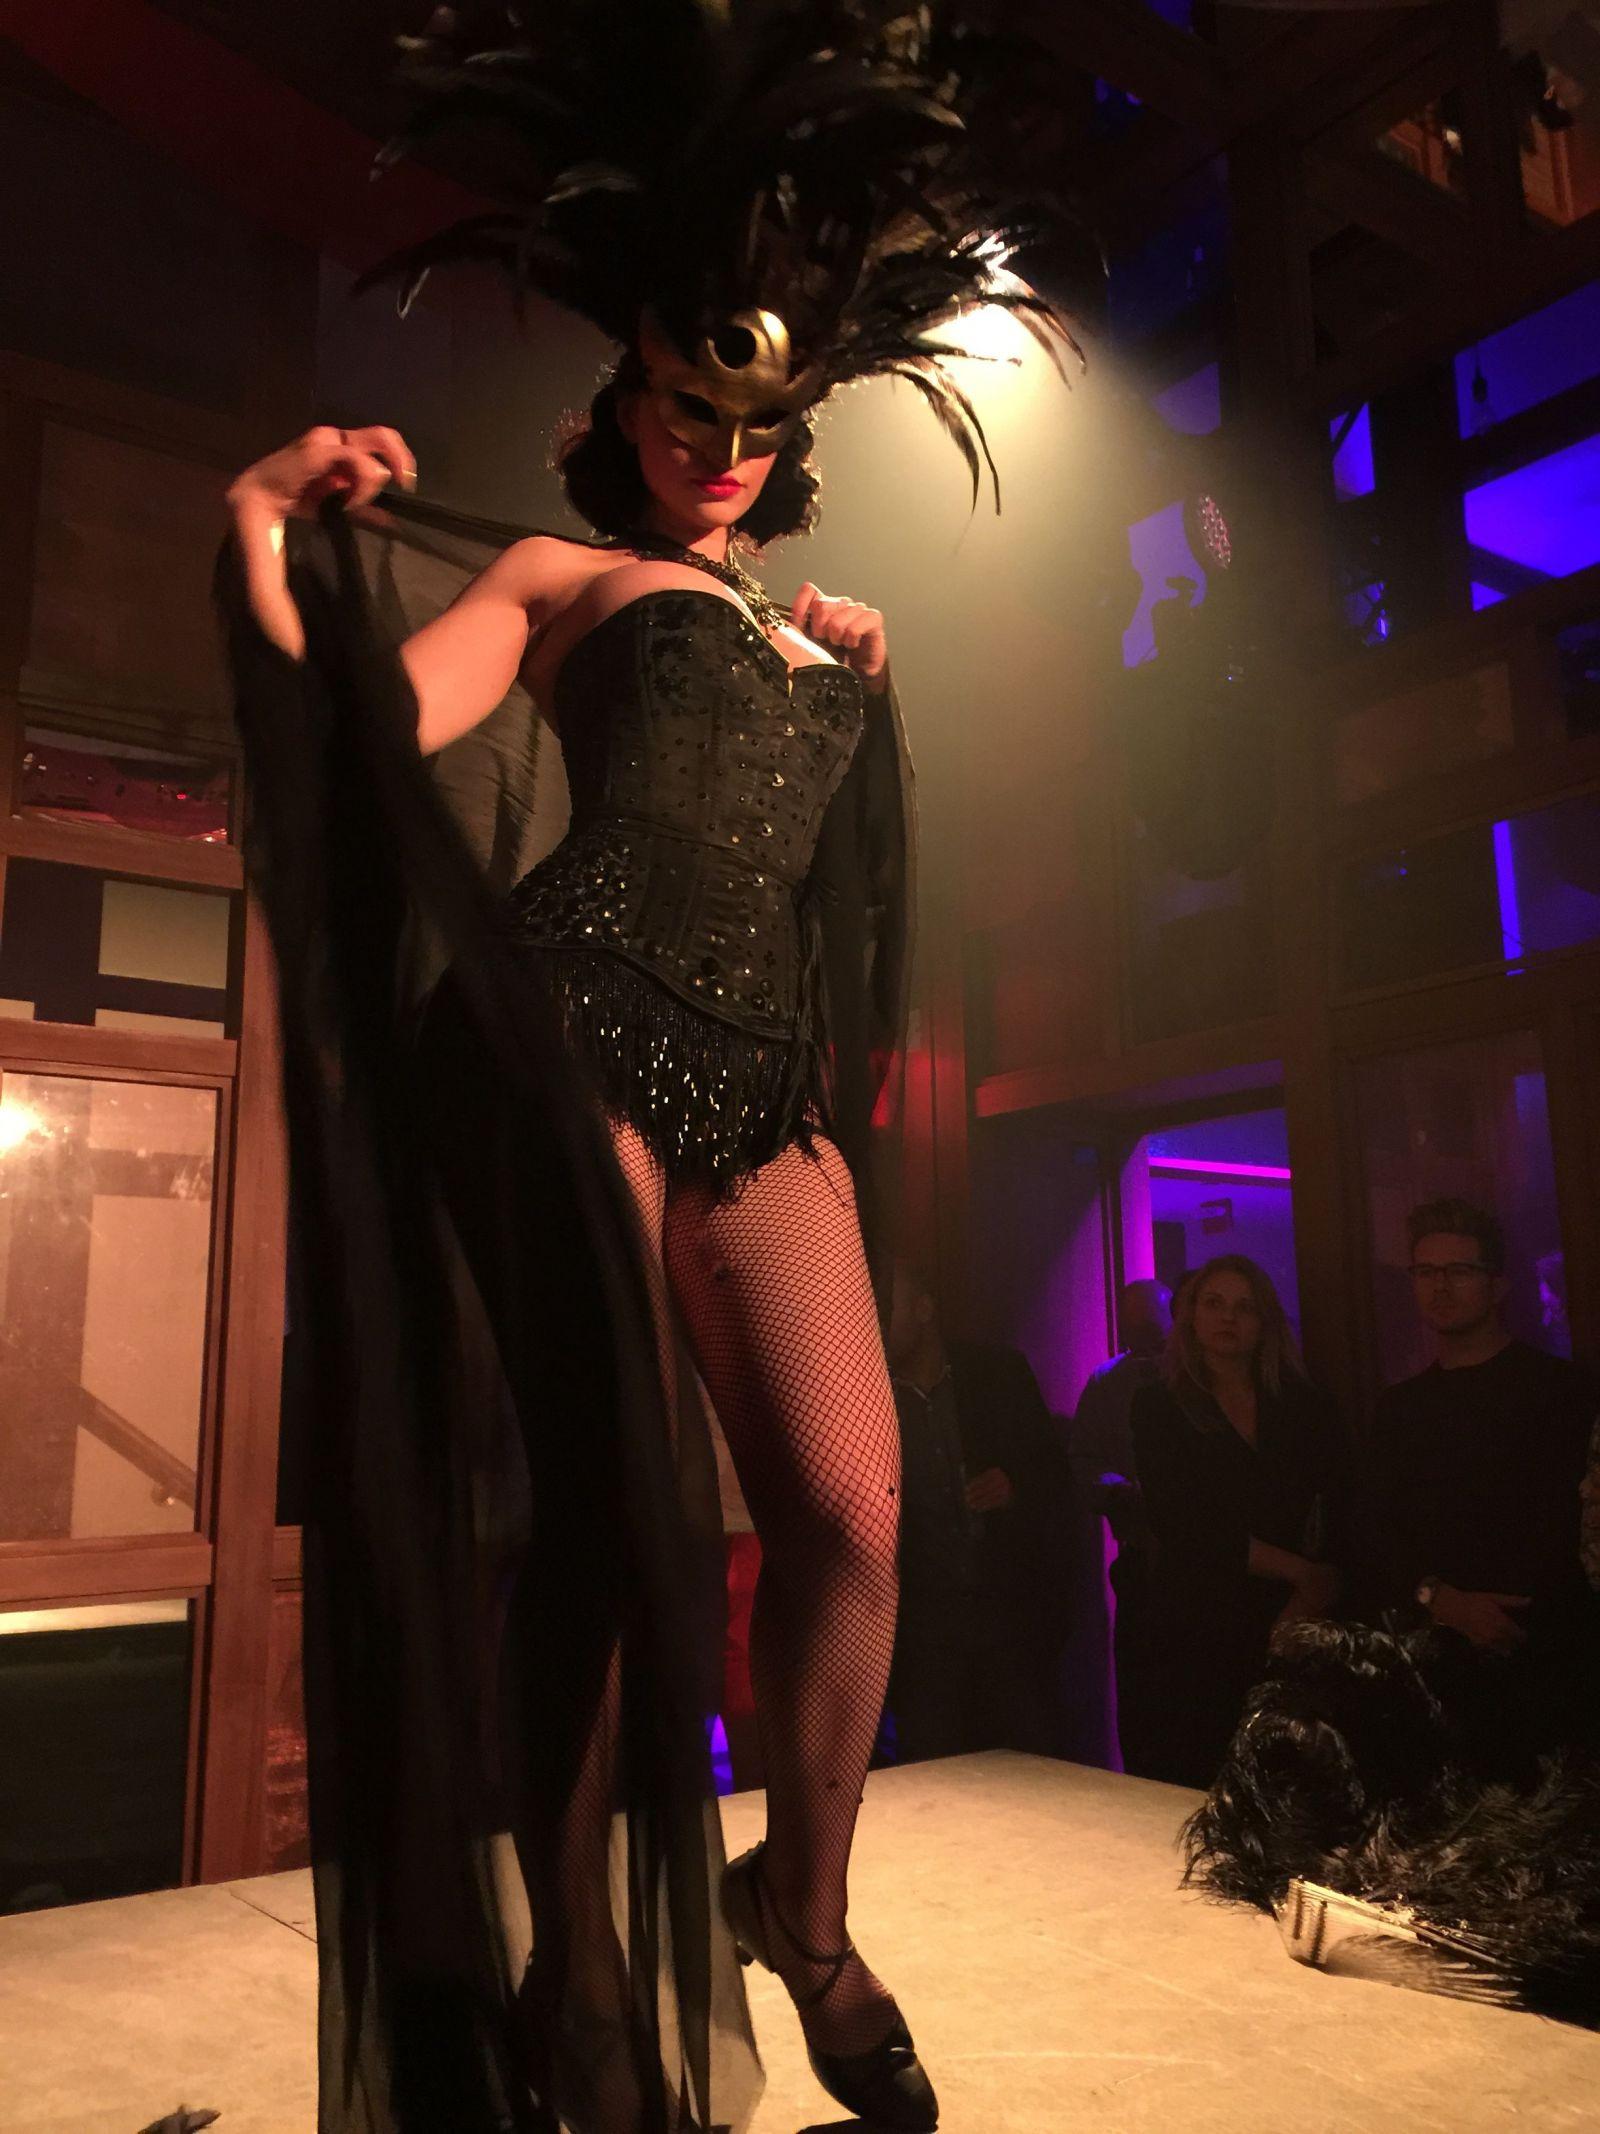 Black Masked Showgirl.jpg